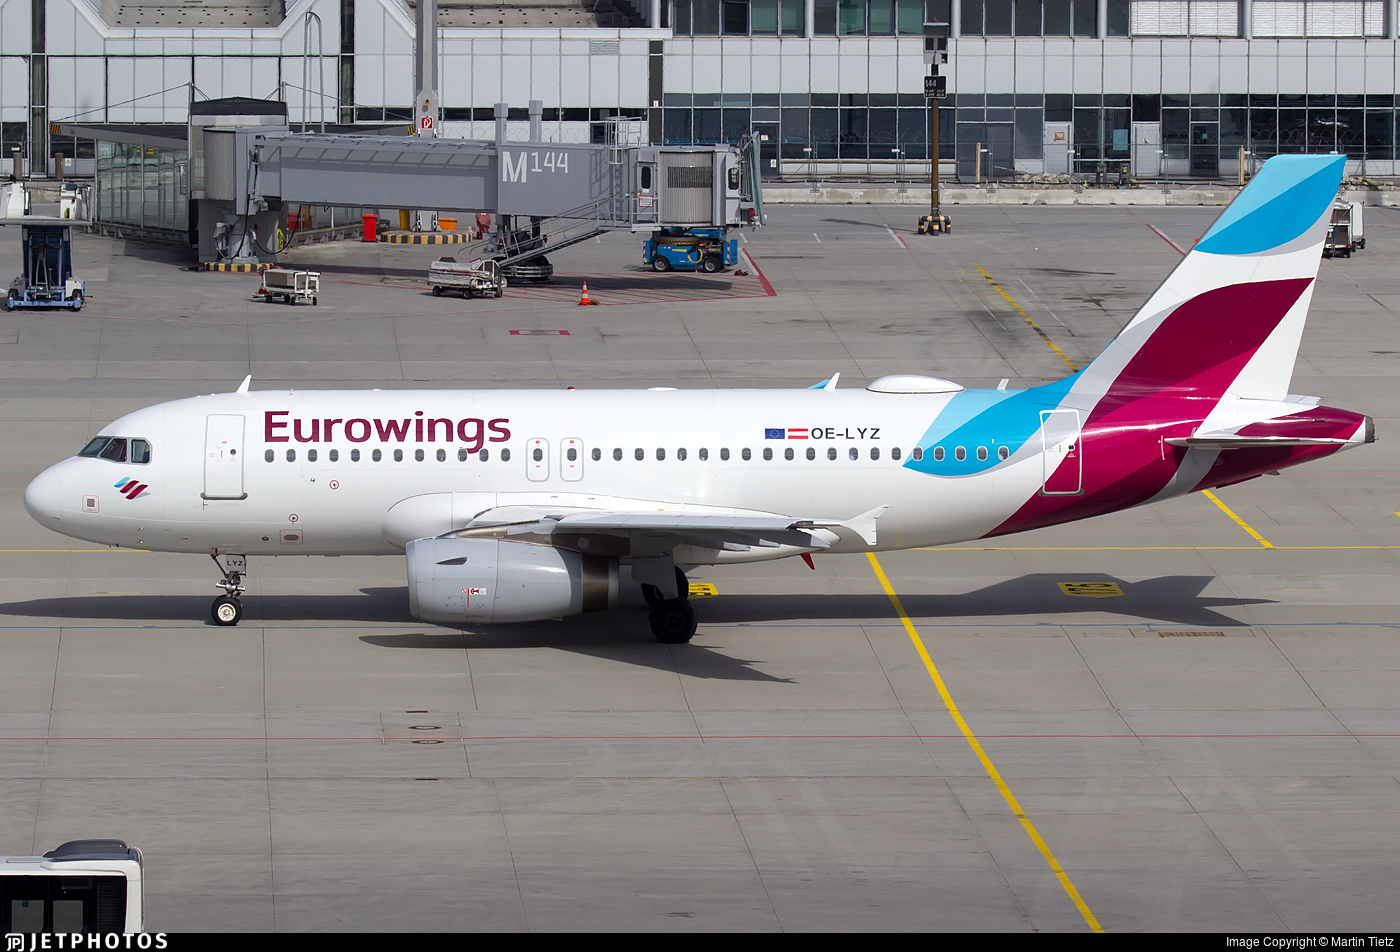 OE-LYZ - Airbus A319-132 - Eurowings Europe